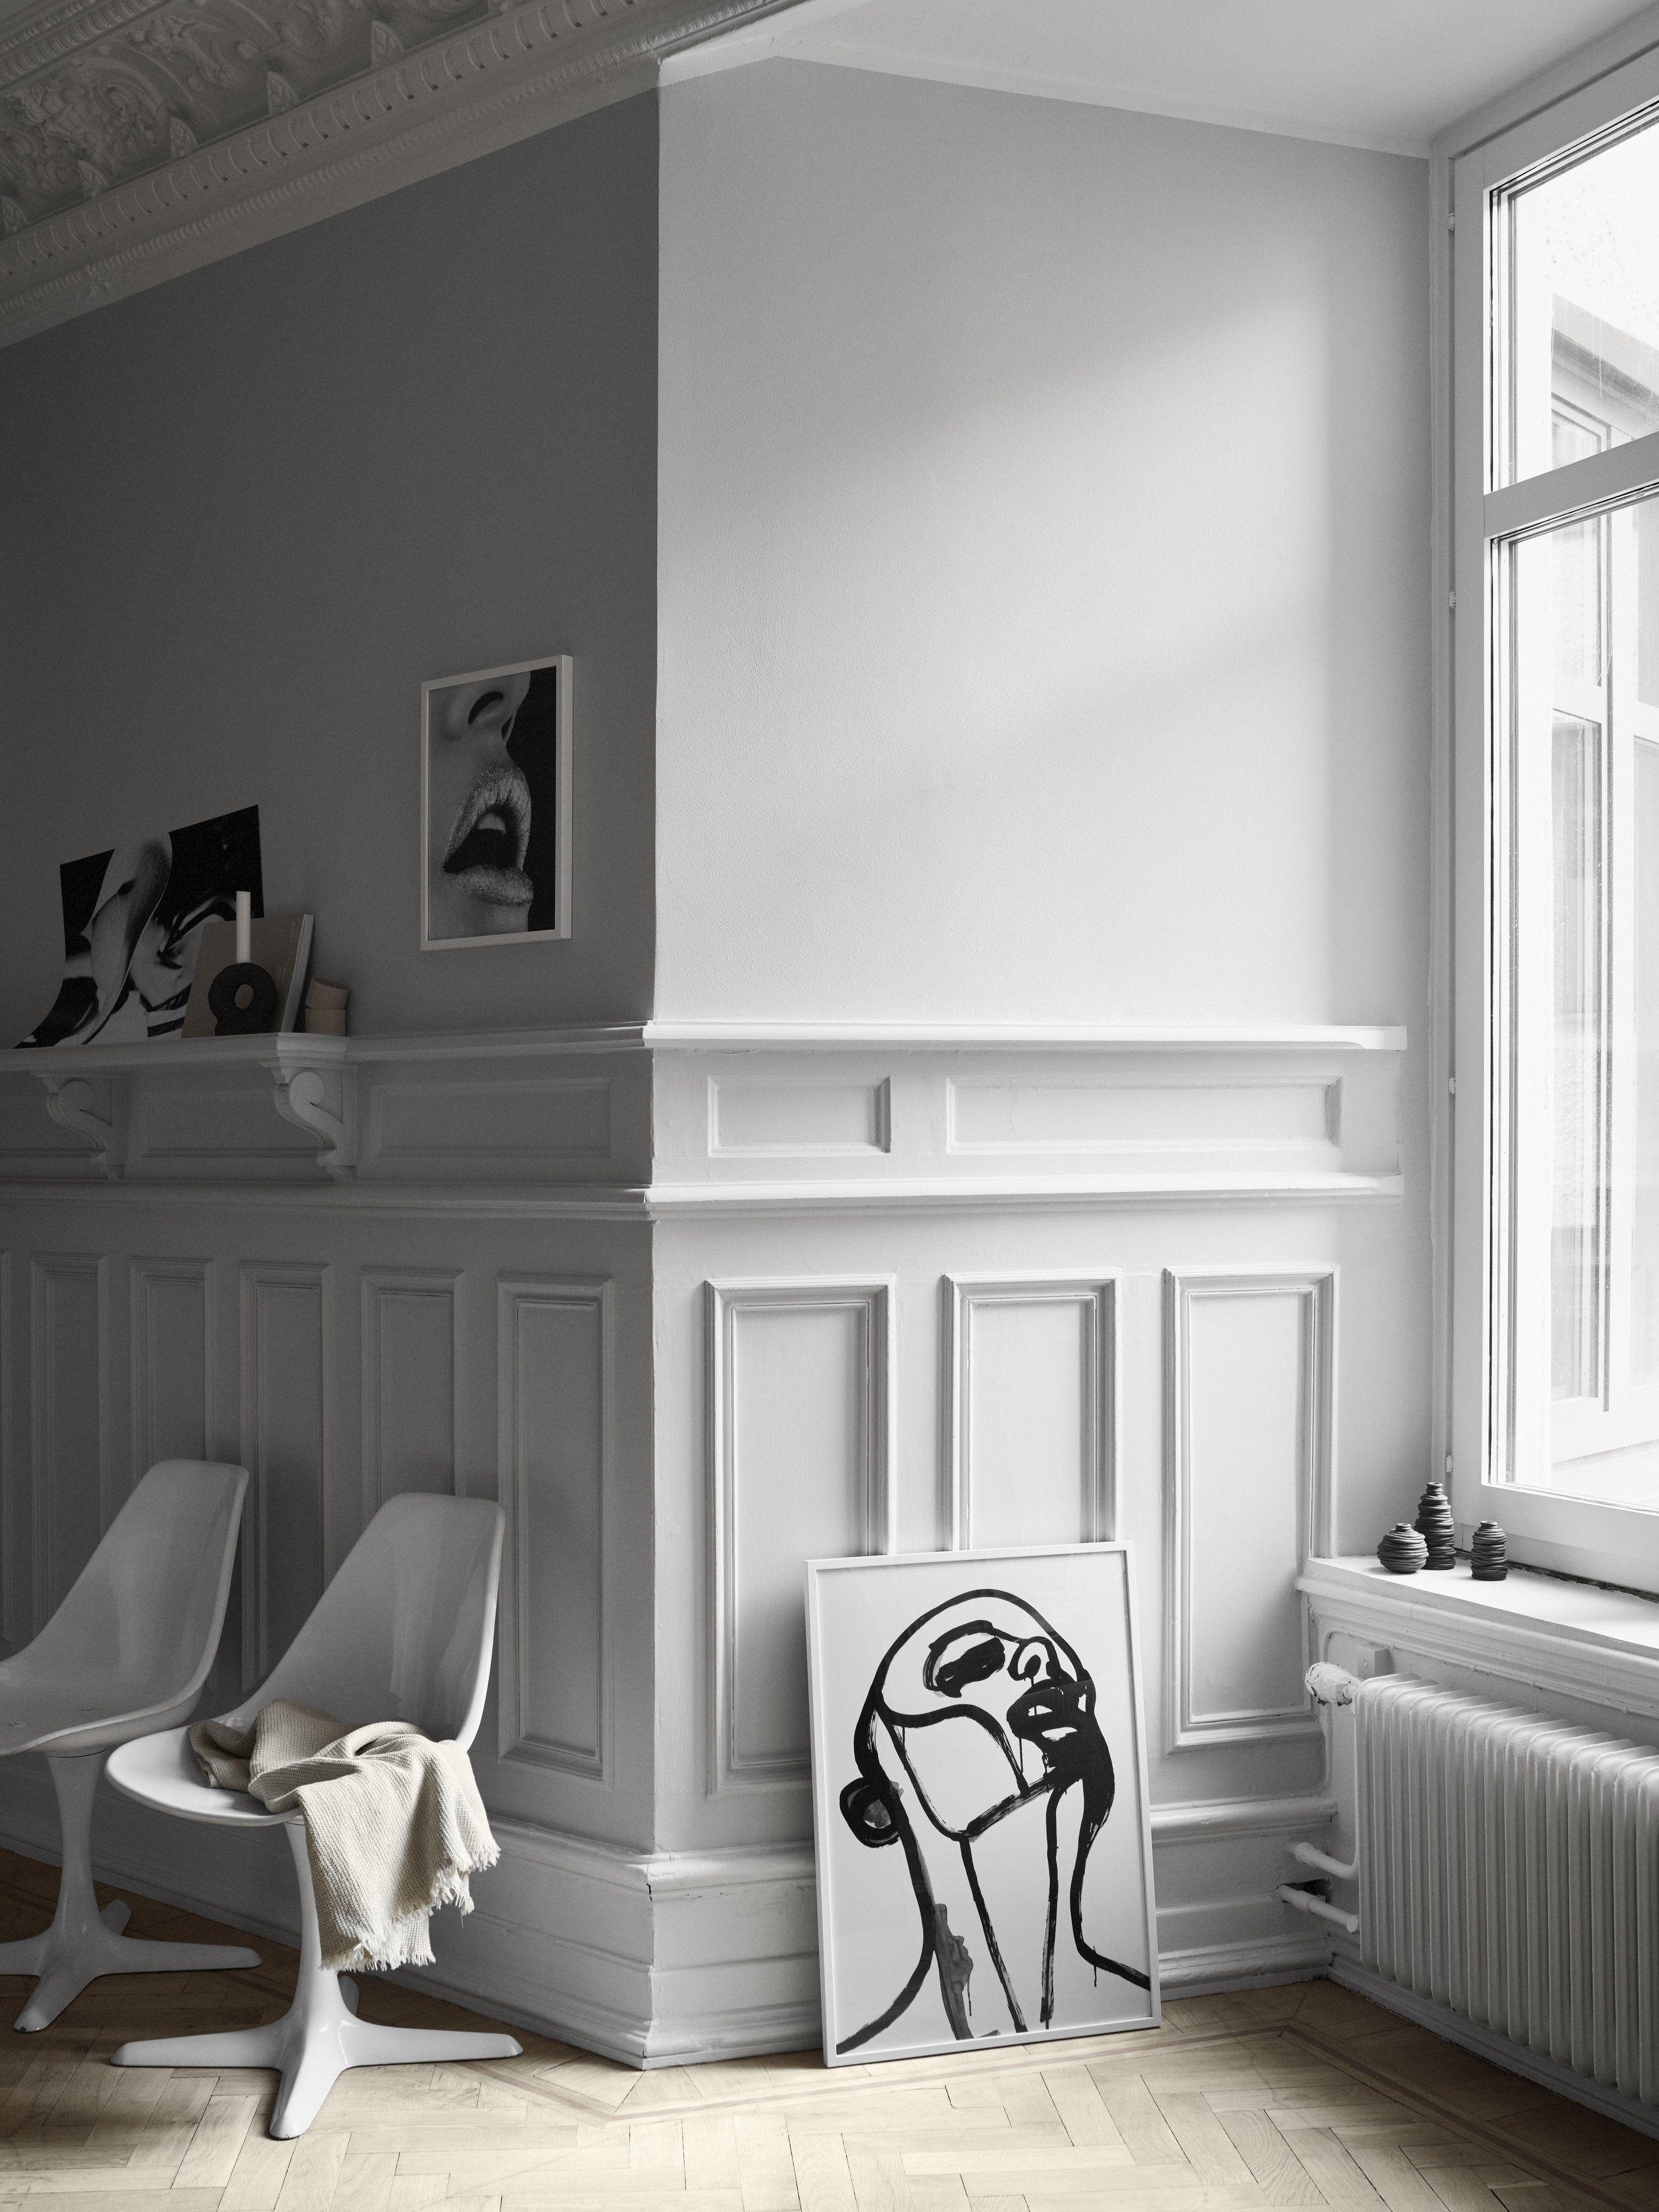 Perfekt Esszimmer Wohnzimmer Altbau Wandgestaltung Hellgraue Wandfarbe Stühle Design  Kunst Porträt Schwarz Wanddeko Modern Skandinavisch Schlicht Minimalistisch